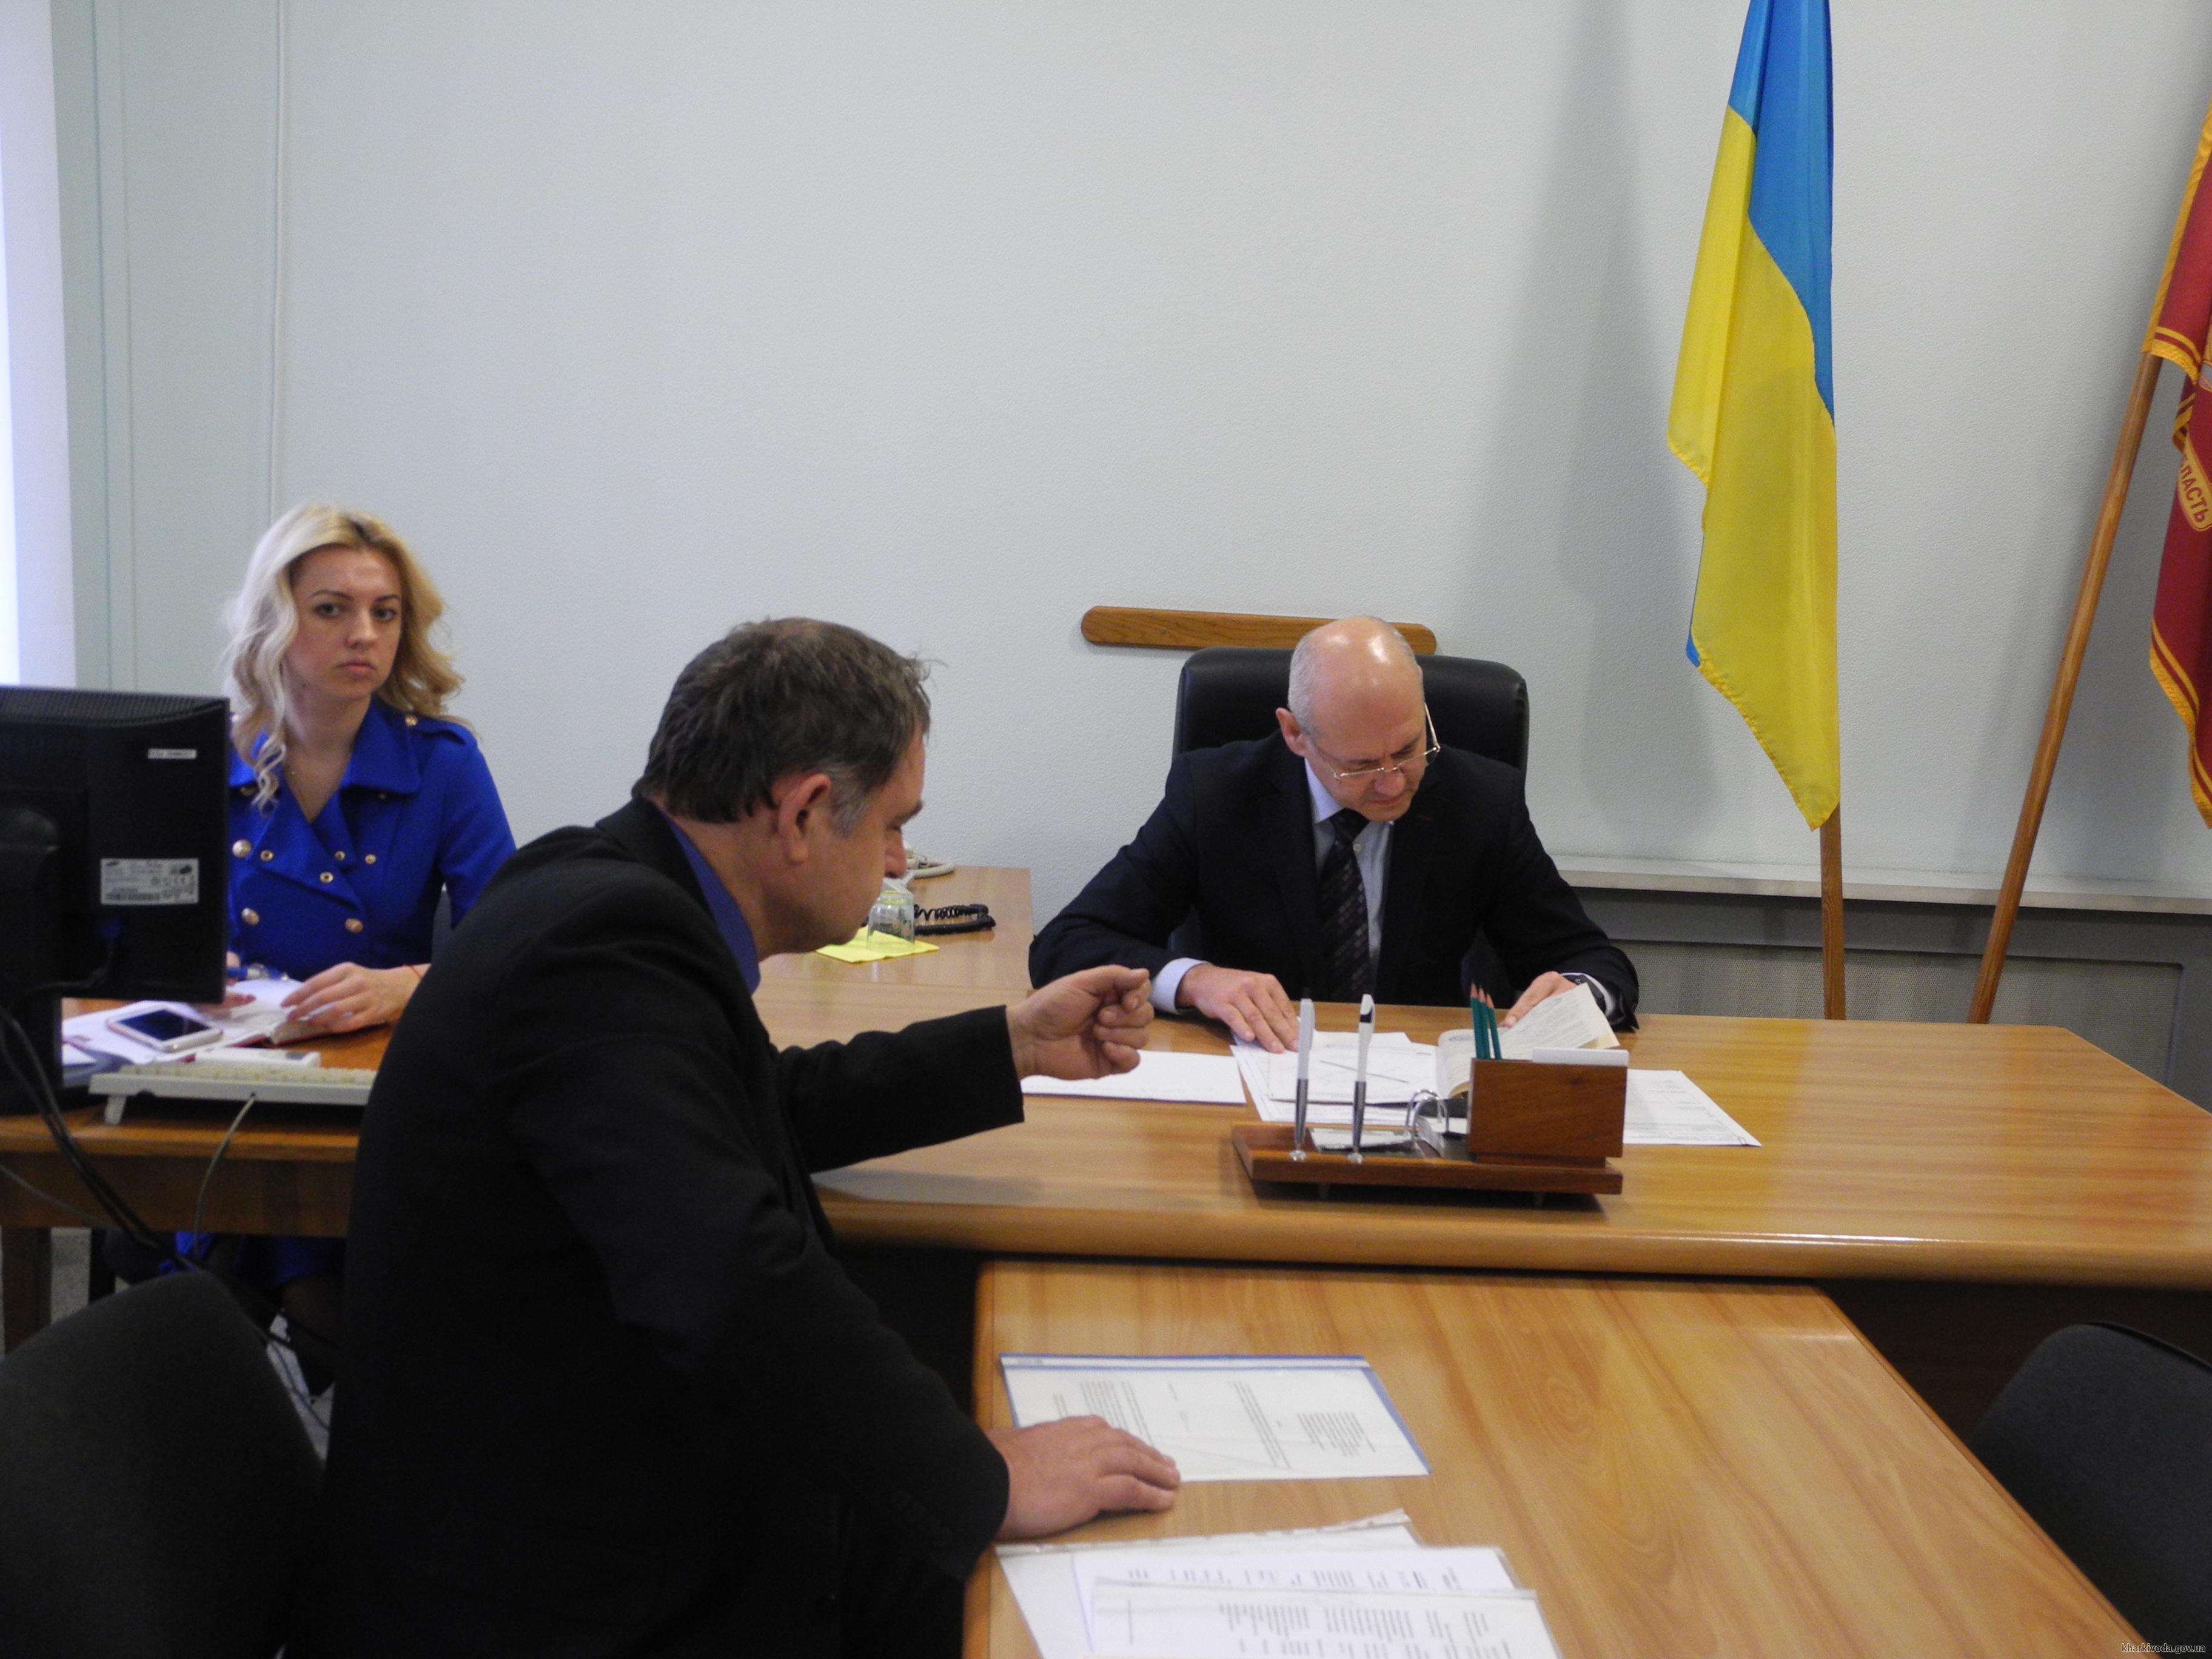 Жители Сахновщины попросили зама Светличной содействовать возобновлению автобусного сообщения